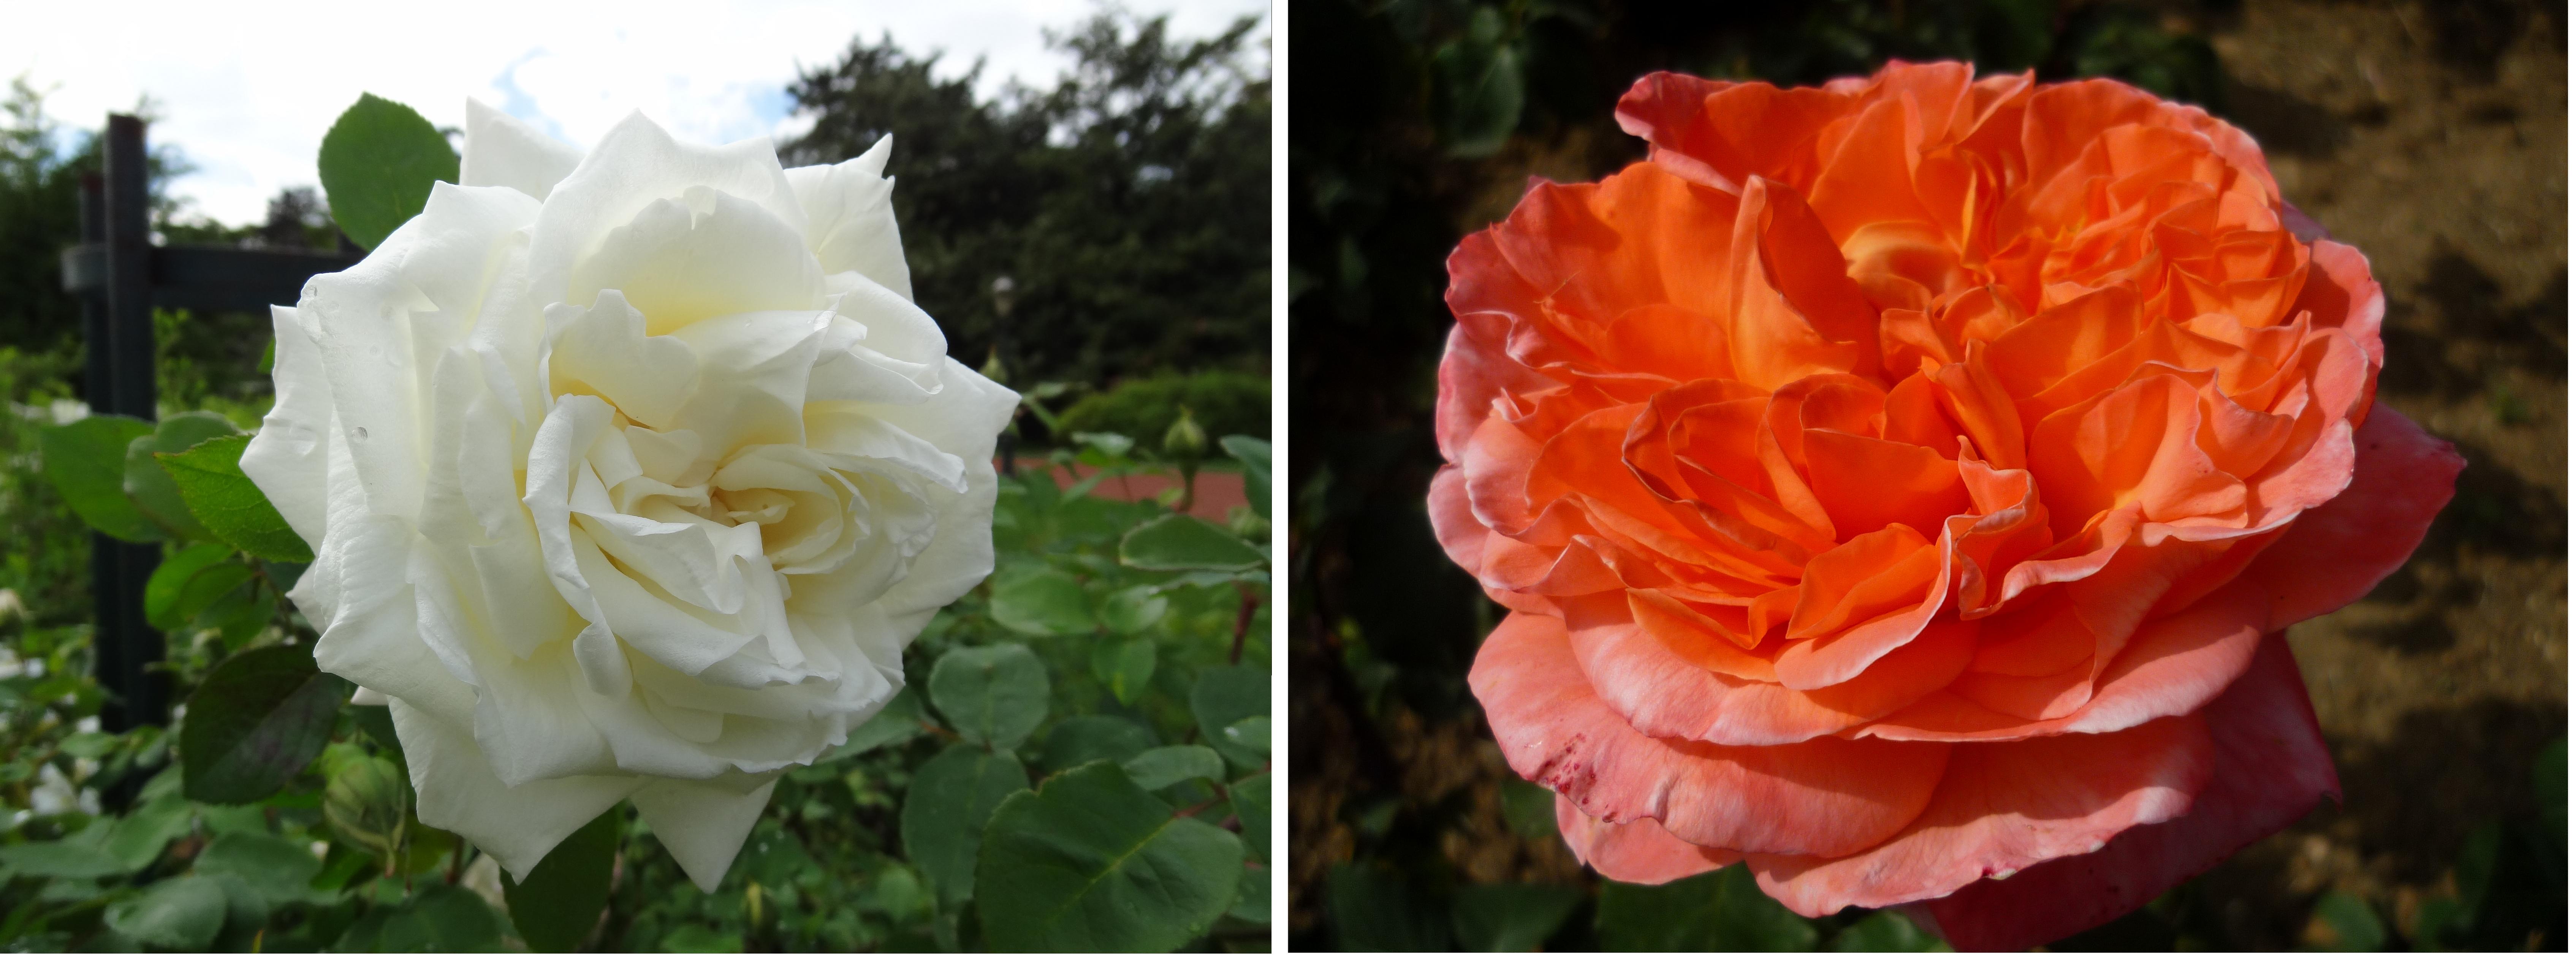 Exemples de deux roses d'obtenteurs lyonnais